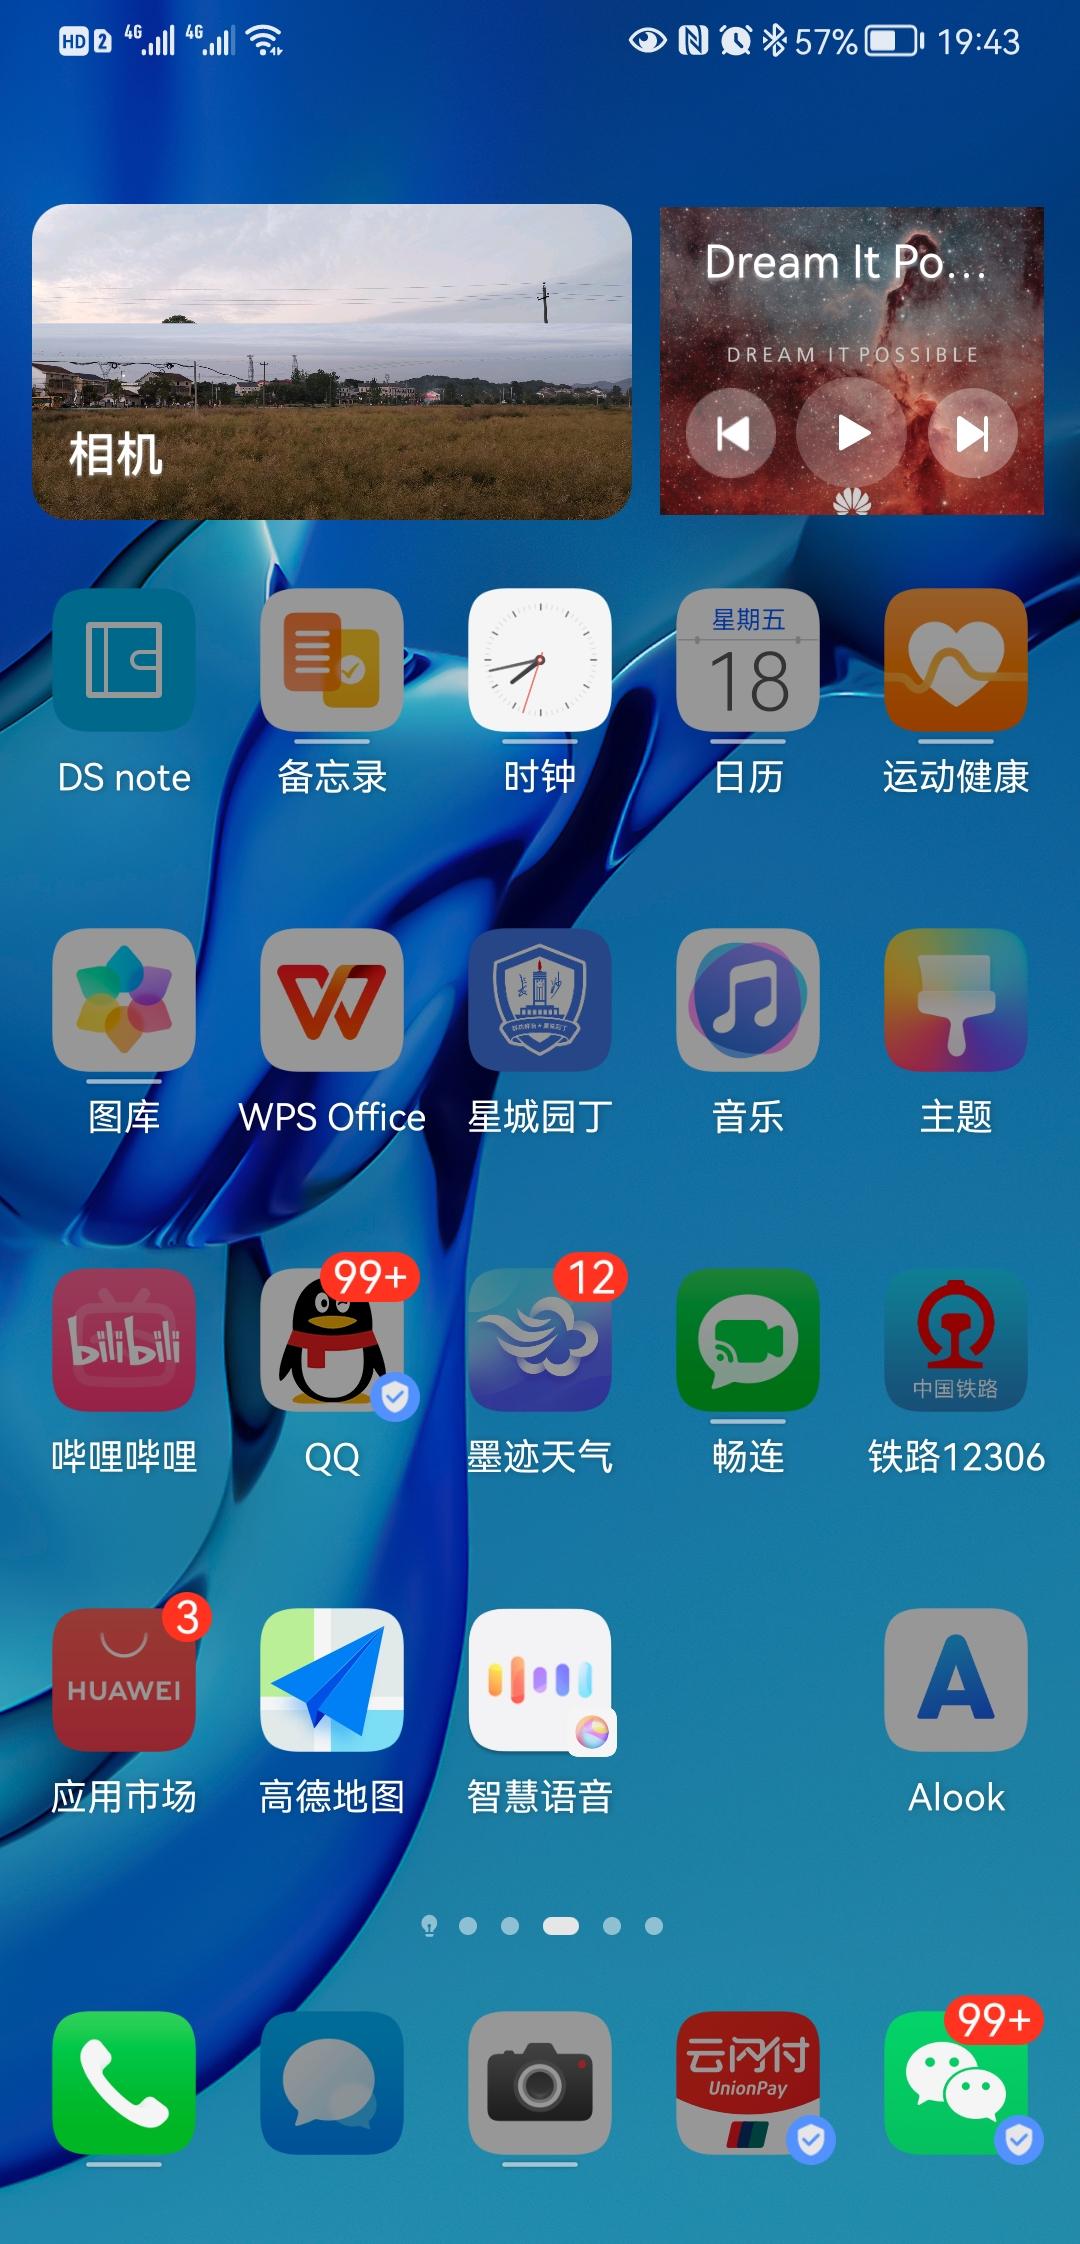 Screenshot_20210618_194334_com.huawei.android.launcher.jpg